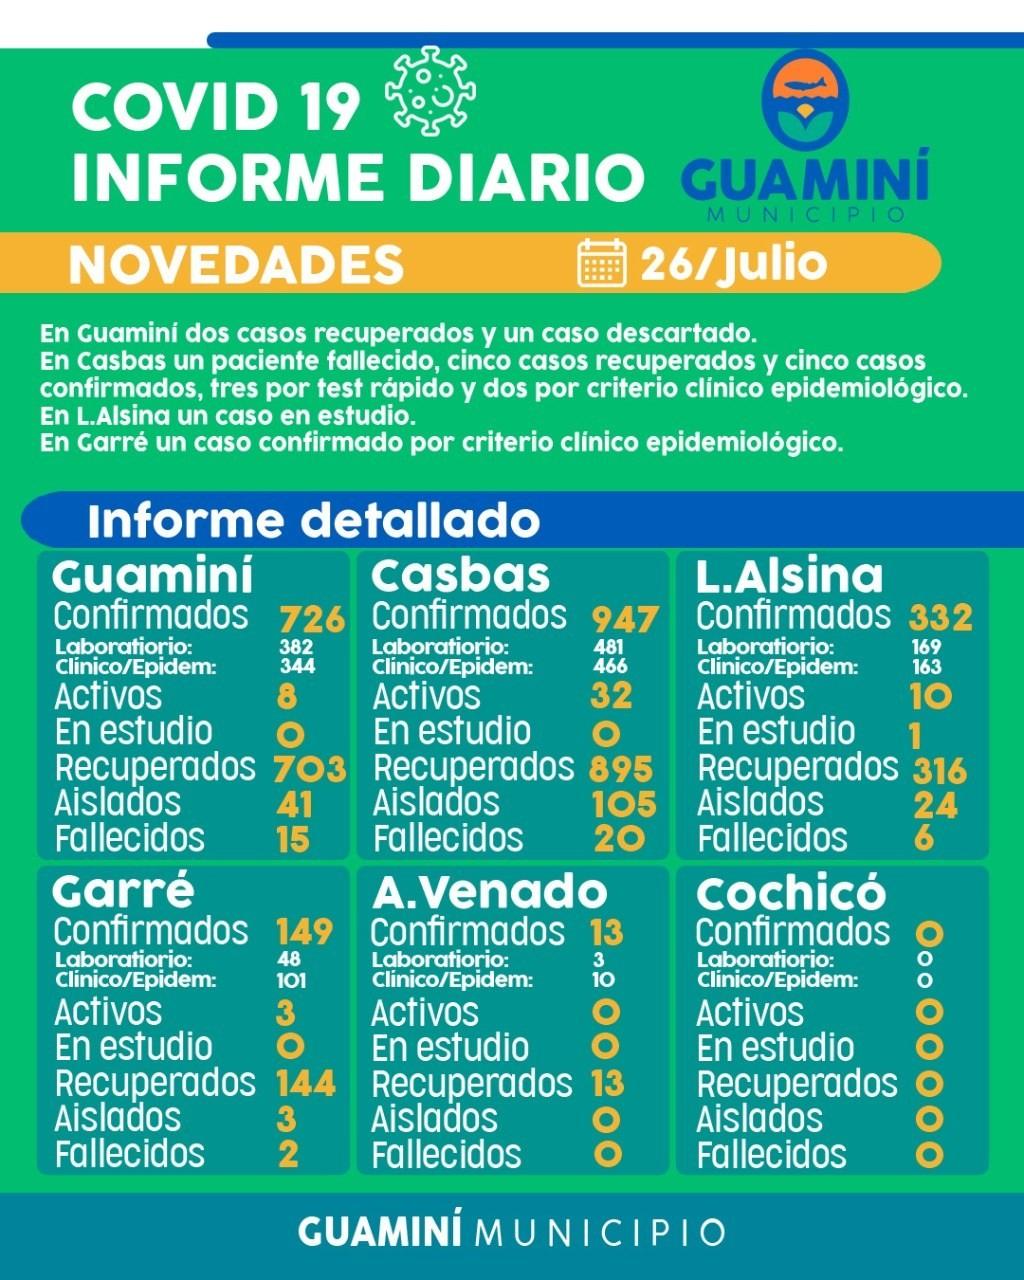 CORONAVIRUS: INFORME DIARIO DE SITUACIÓN A NIVEL LOCAL - 26 DE JULIO -